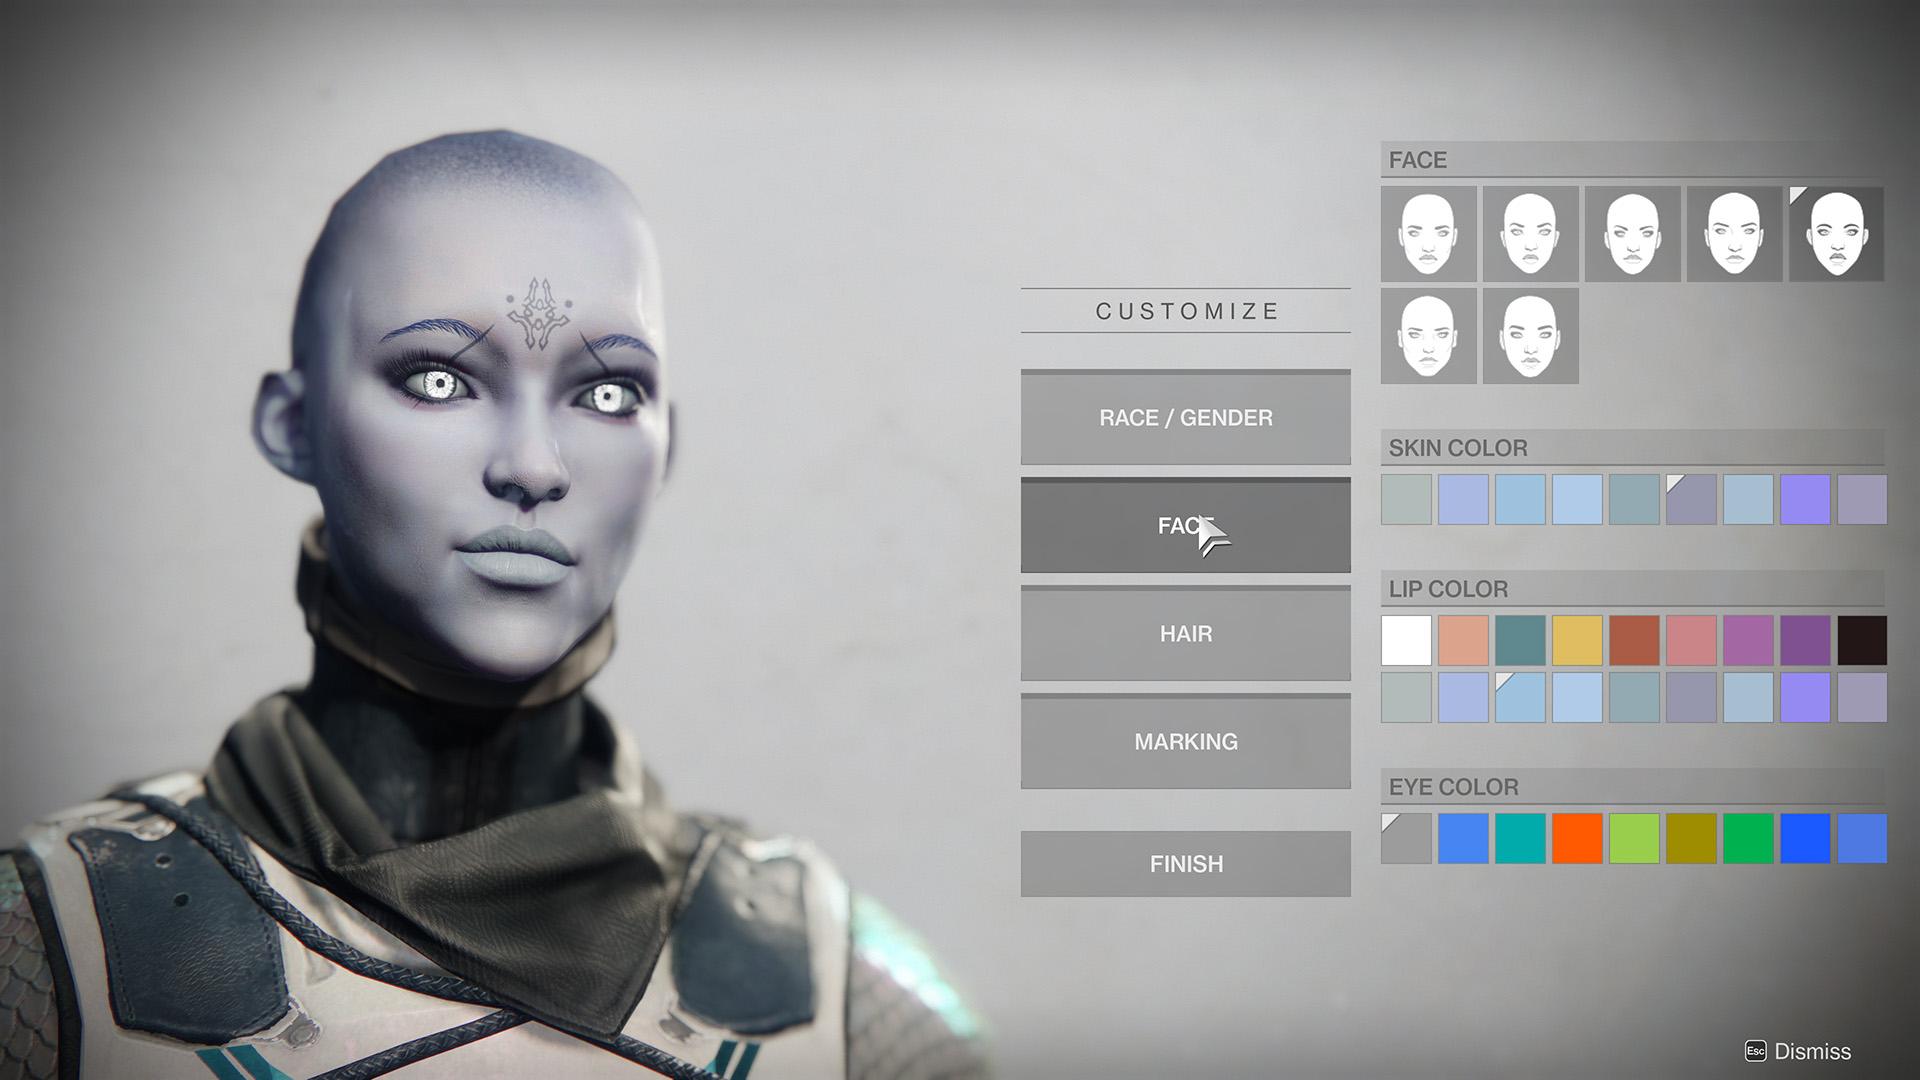 _0020_Destiny 2 Screenshot 2018.11.04 - 00.52.51.64.jpg